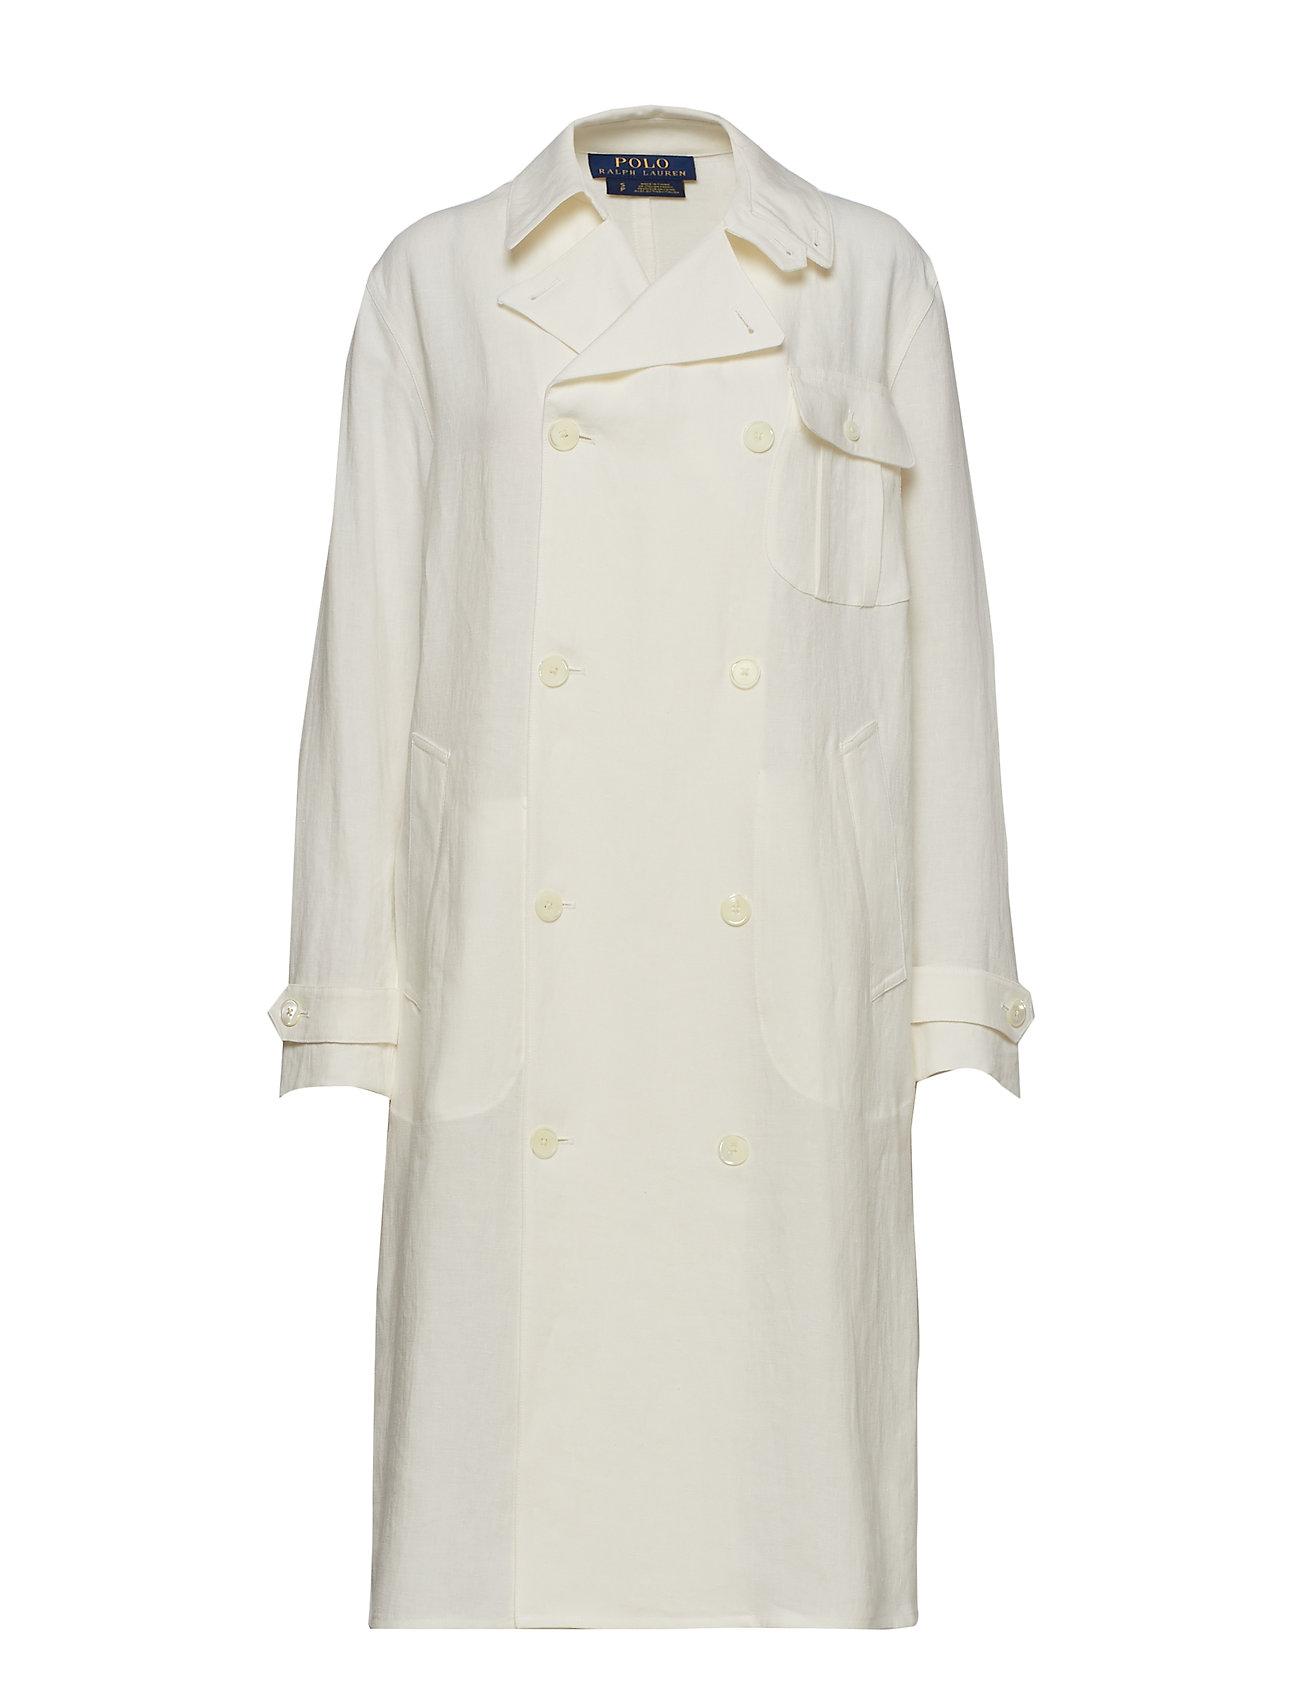 Polo Ralph Lauren Double-Breasted Linen Coat - NEVIS